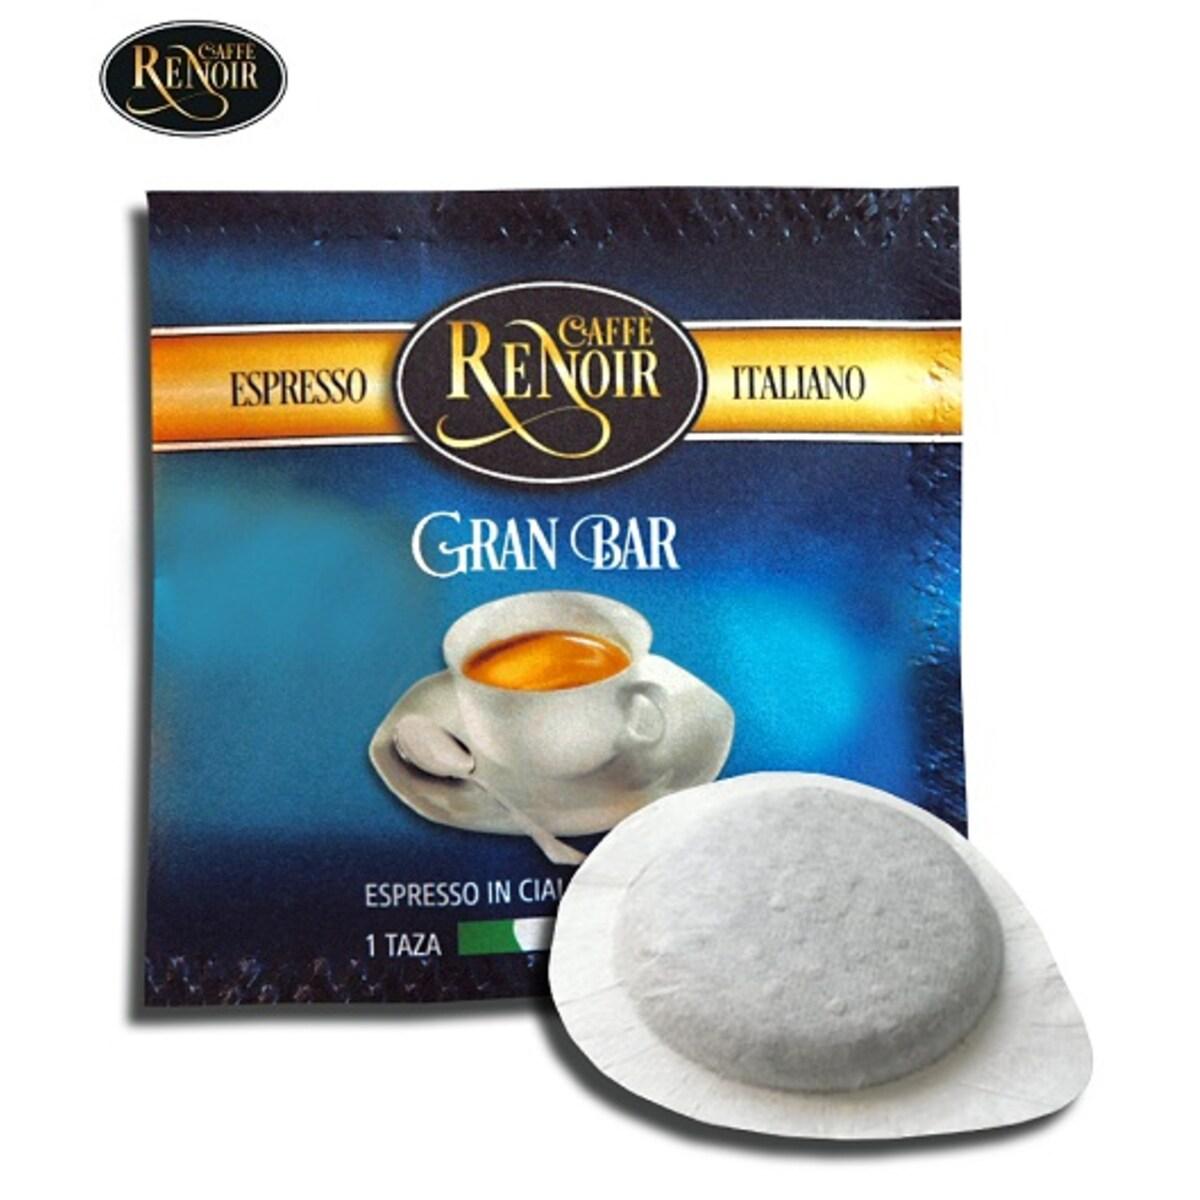 Caffe Renoir Gran Bar 150 бр, e.s.e падове